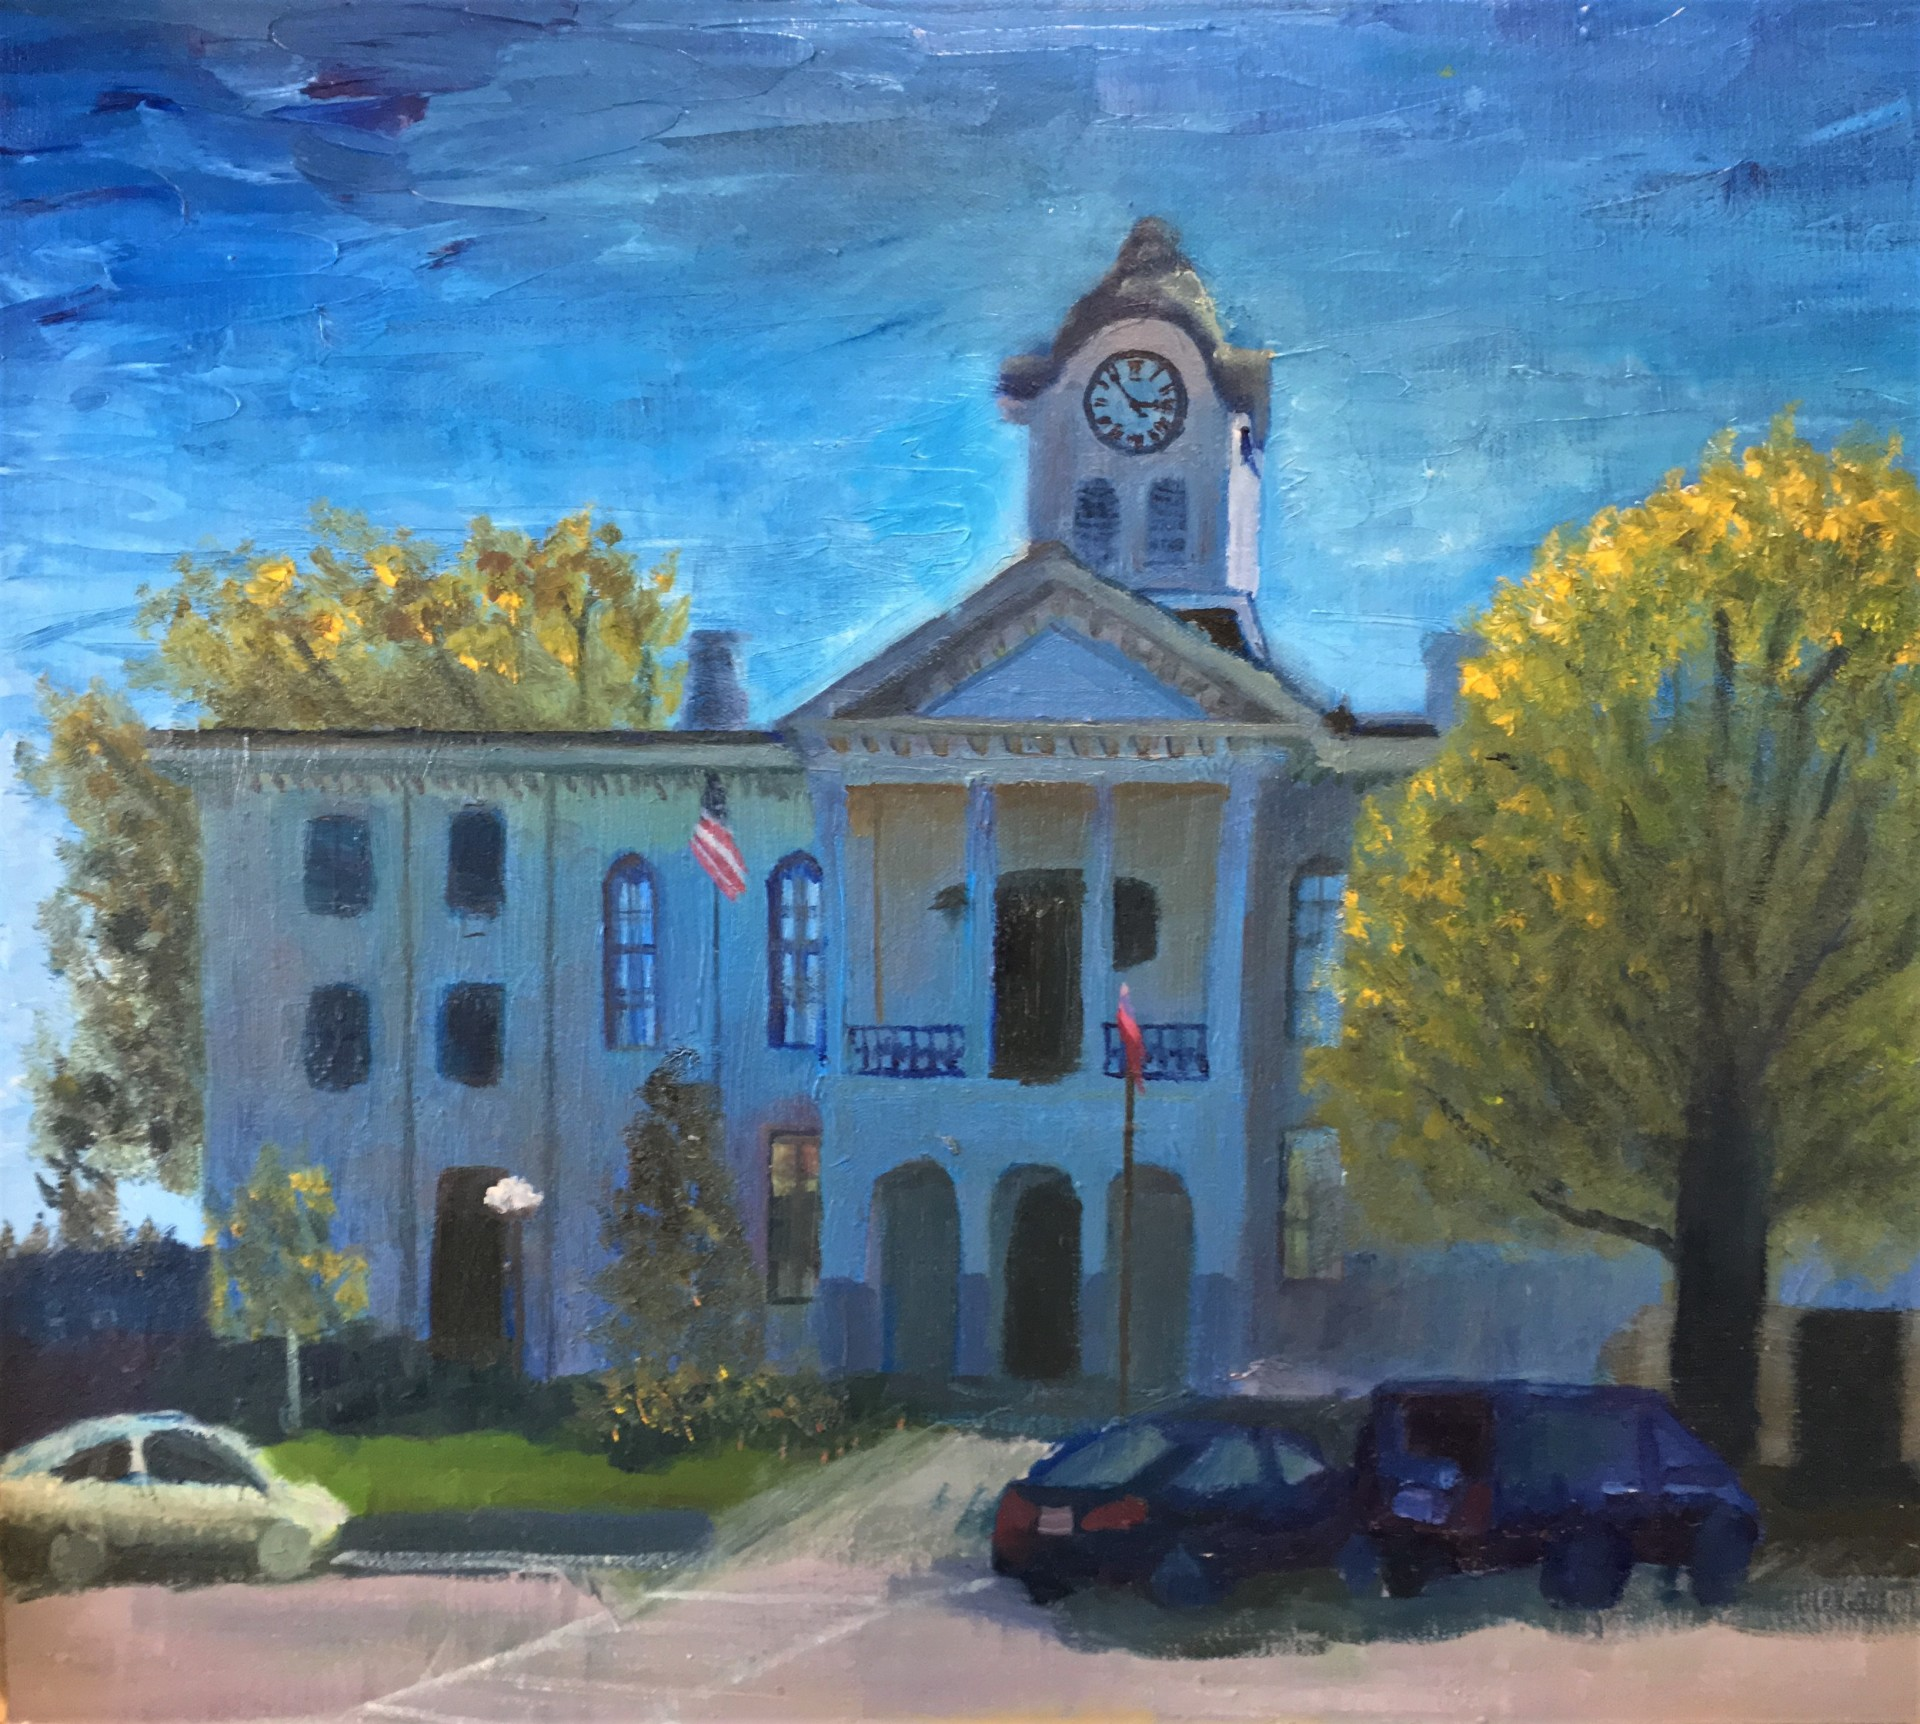 Courthouse II